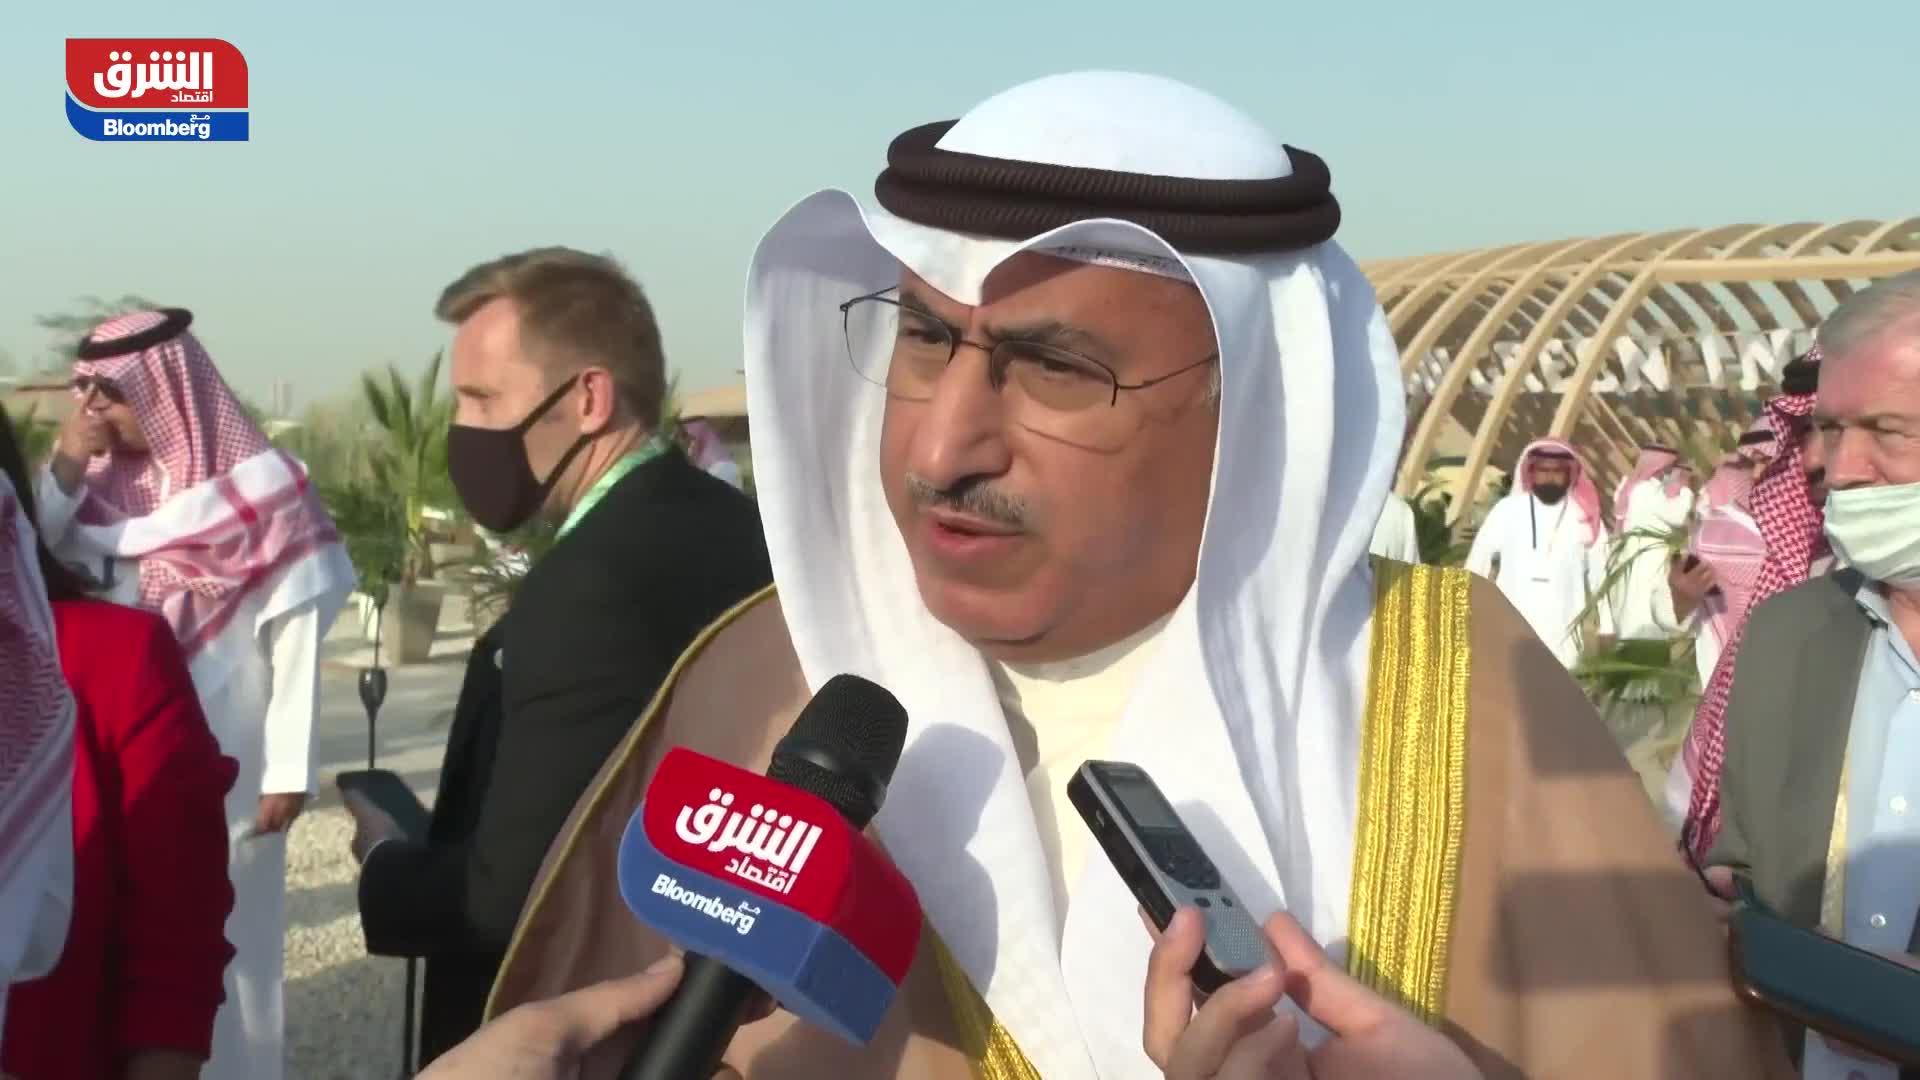 محمد عبد اللطيف الفارس / وزير النفط الكويتي : ستكون هناك مبادرات مشتركة بين السعودية والكويت